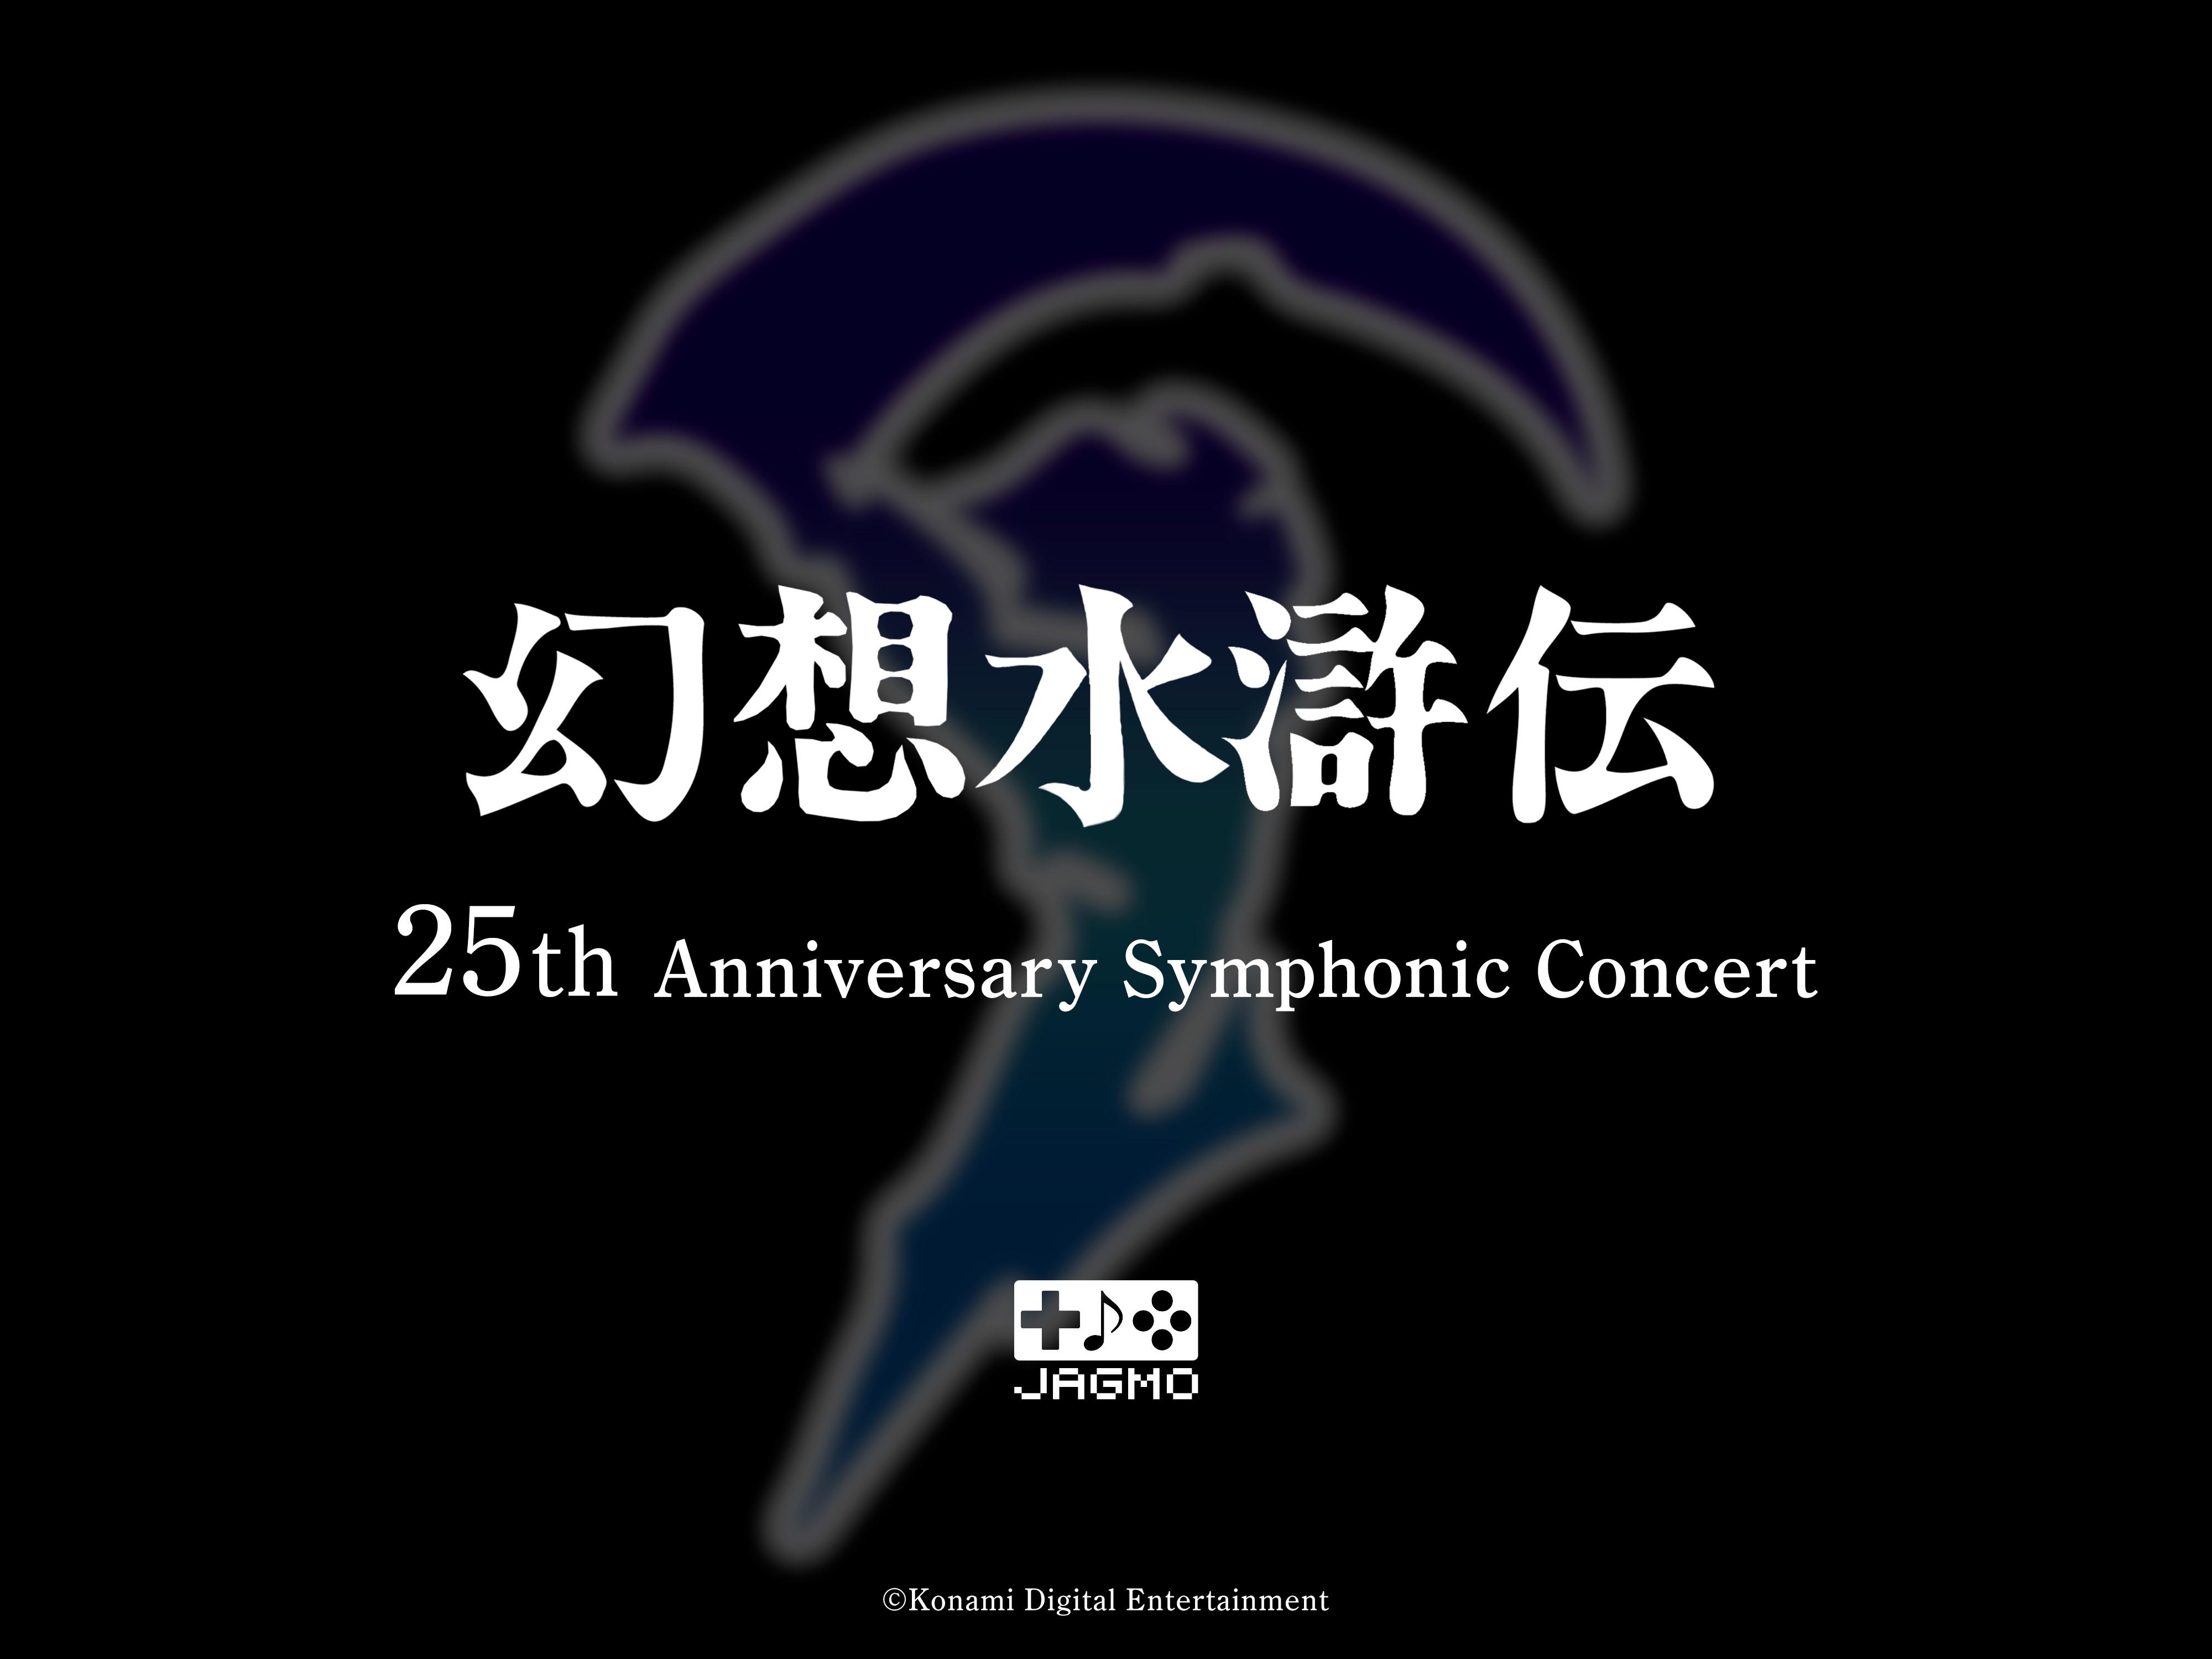 幻想水滸伝 25th Anniversary Symphonic Concert Online -Chamber Orchestra of Suikoden-   演奏:JAGMO ピアノ:和仁将平